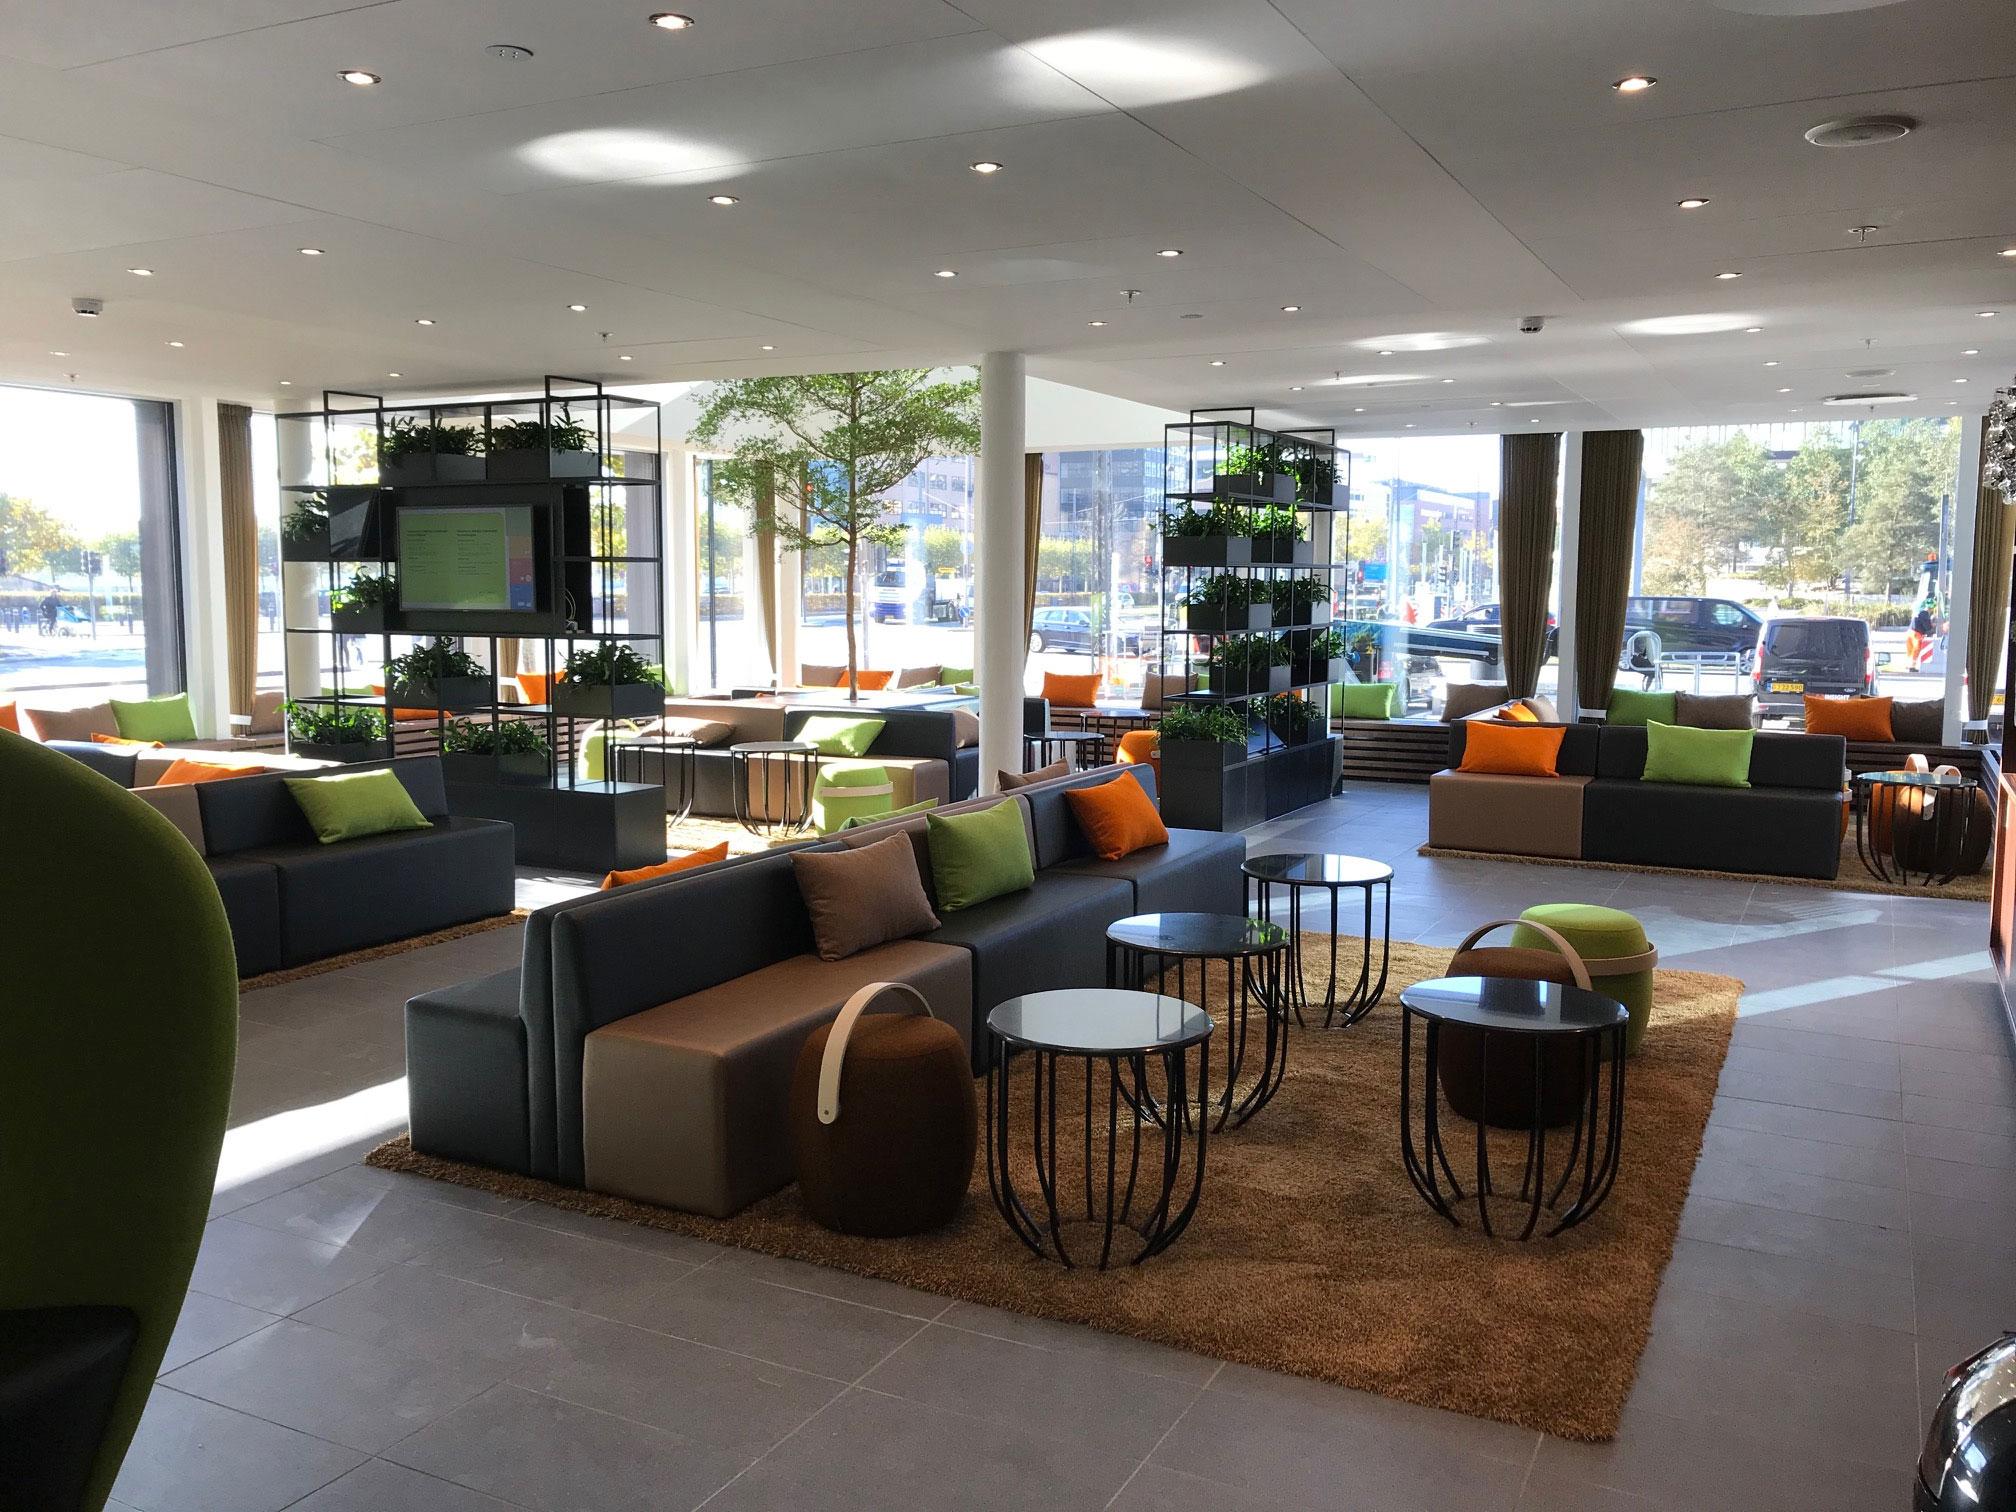 Et kig ind i den store lobby på Wakeup 3-hotellet i København, der åbnede sidste måned. Foto: Arp-Hansen Hotel Group.